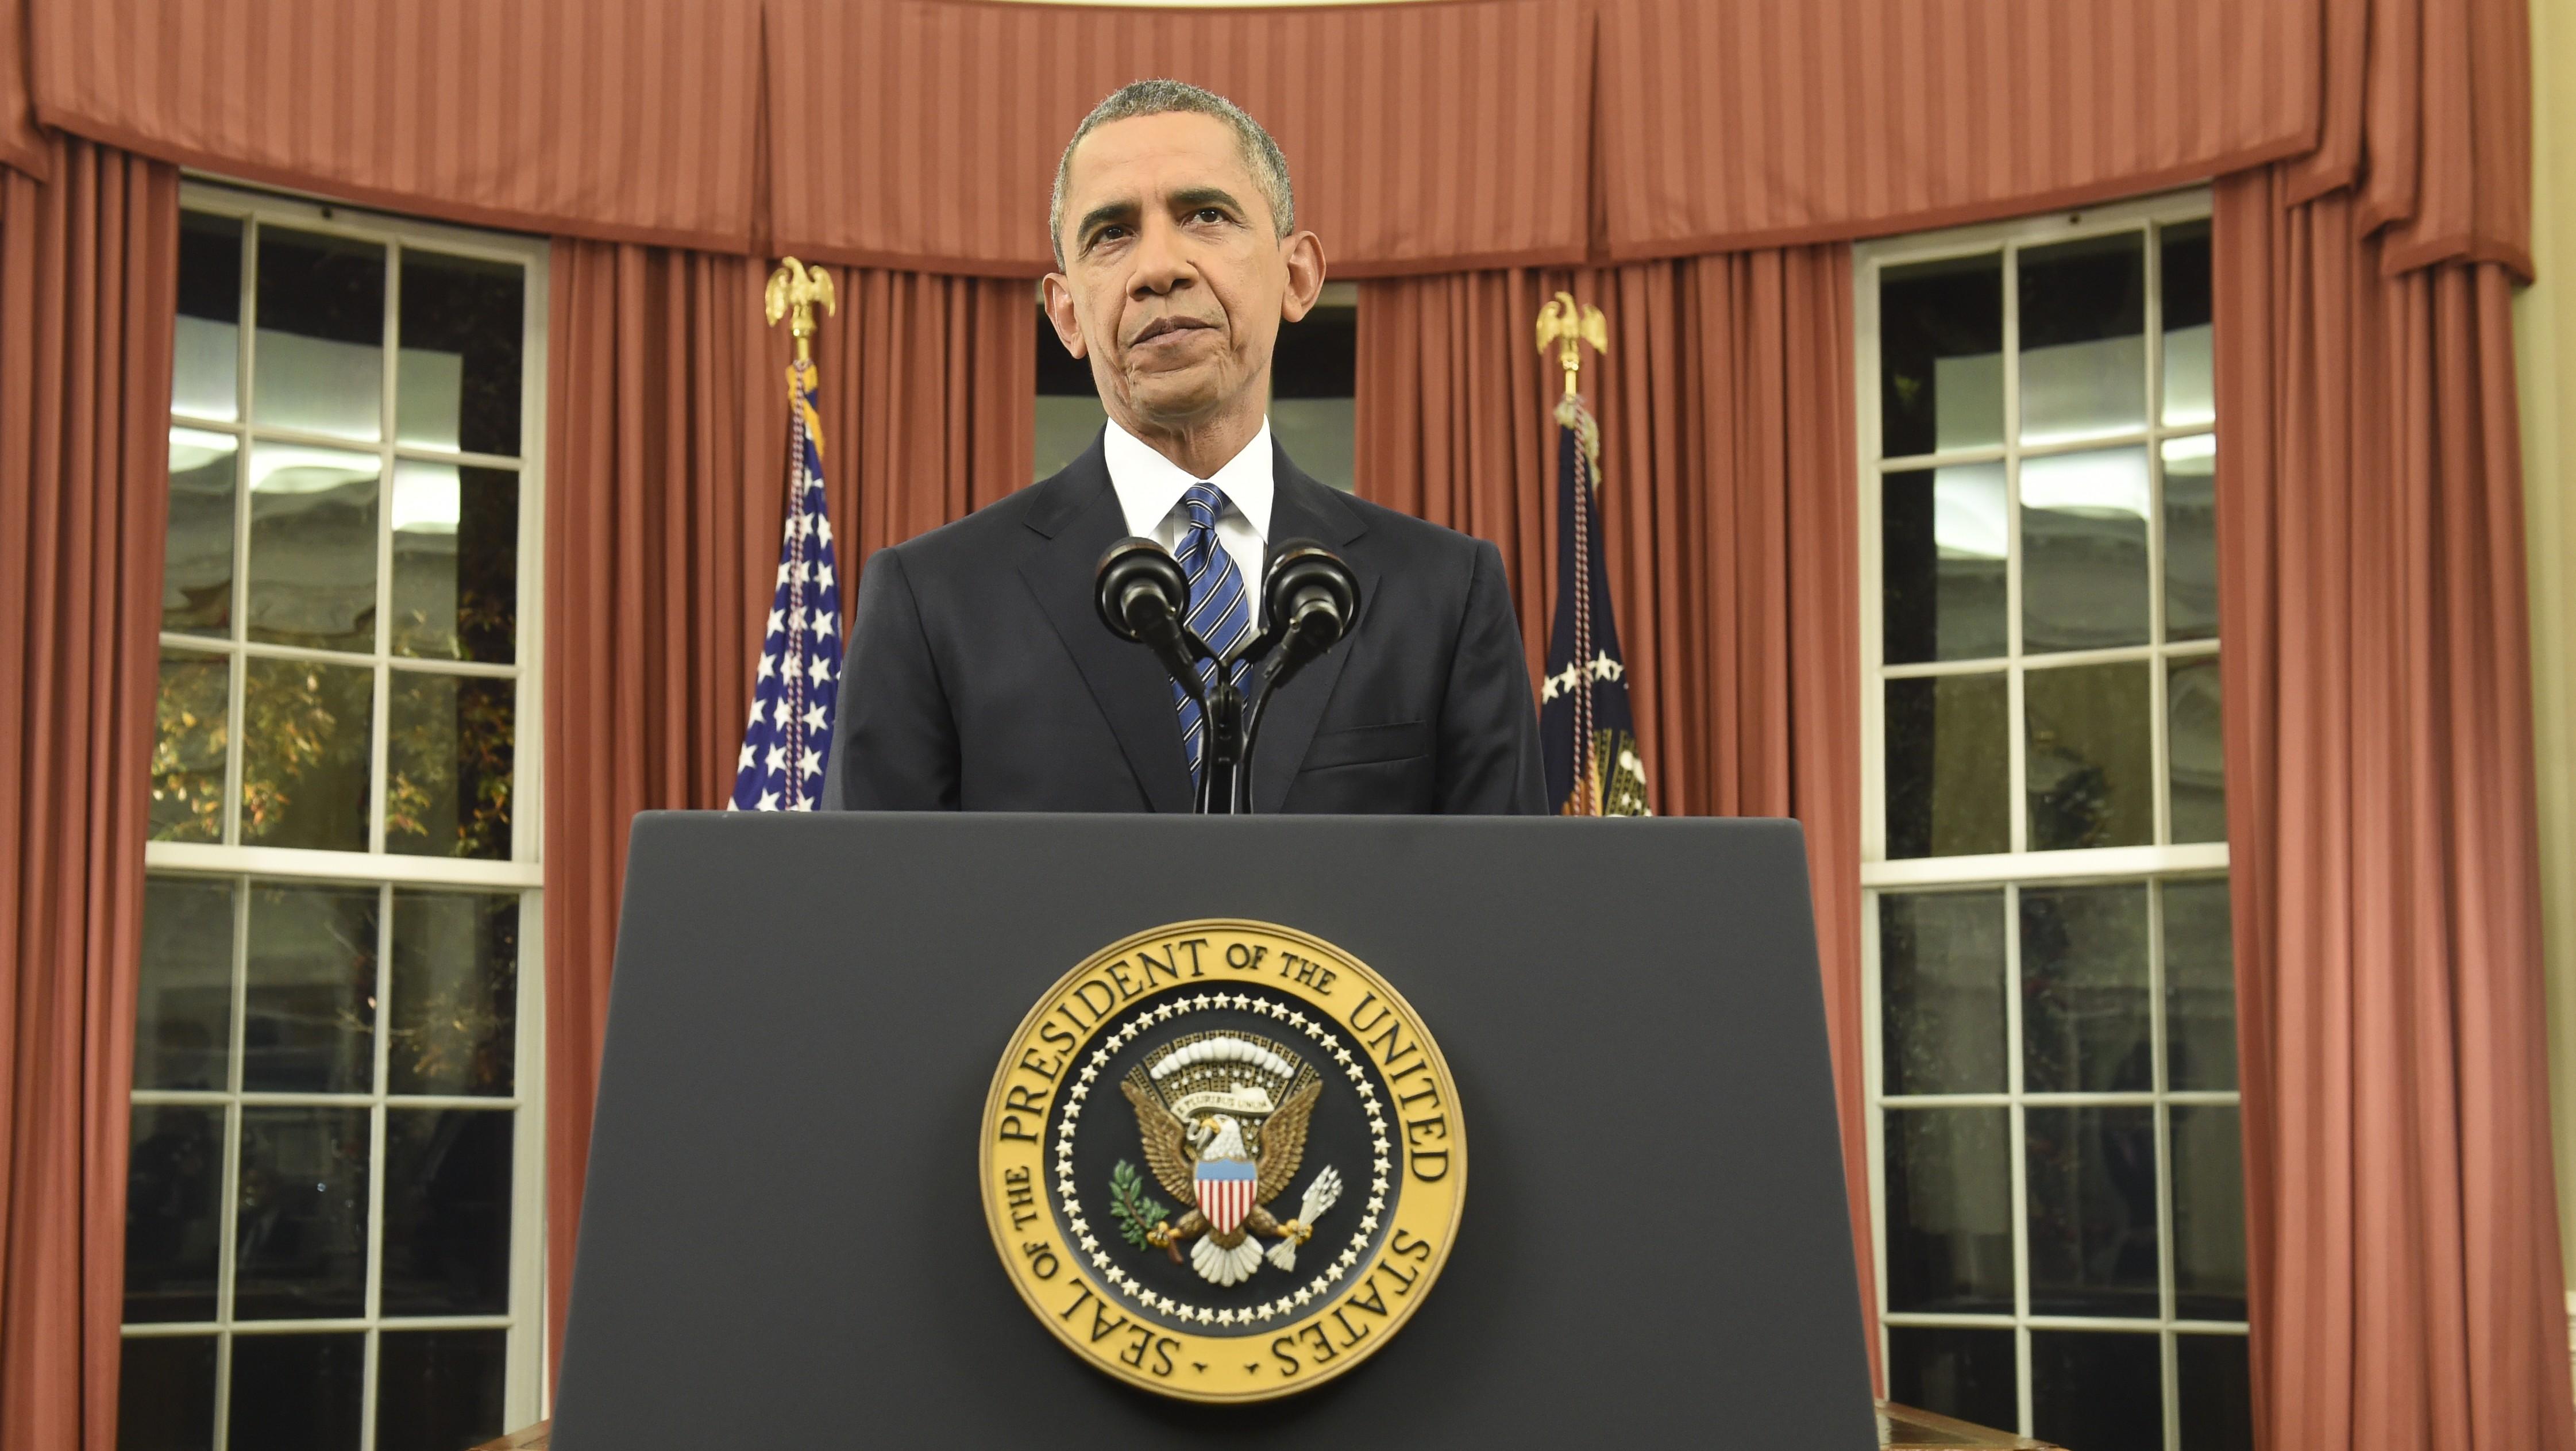 President Obama speech full text transcript